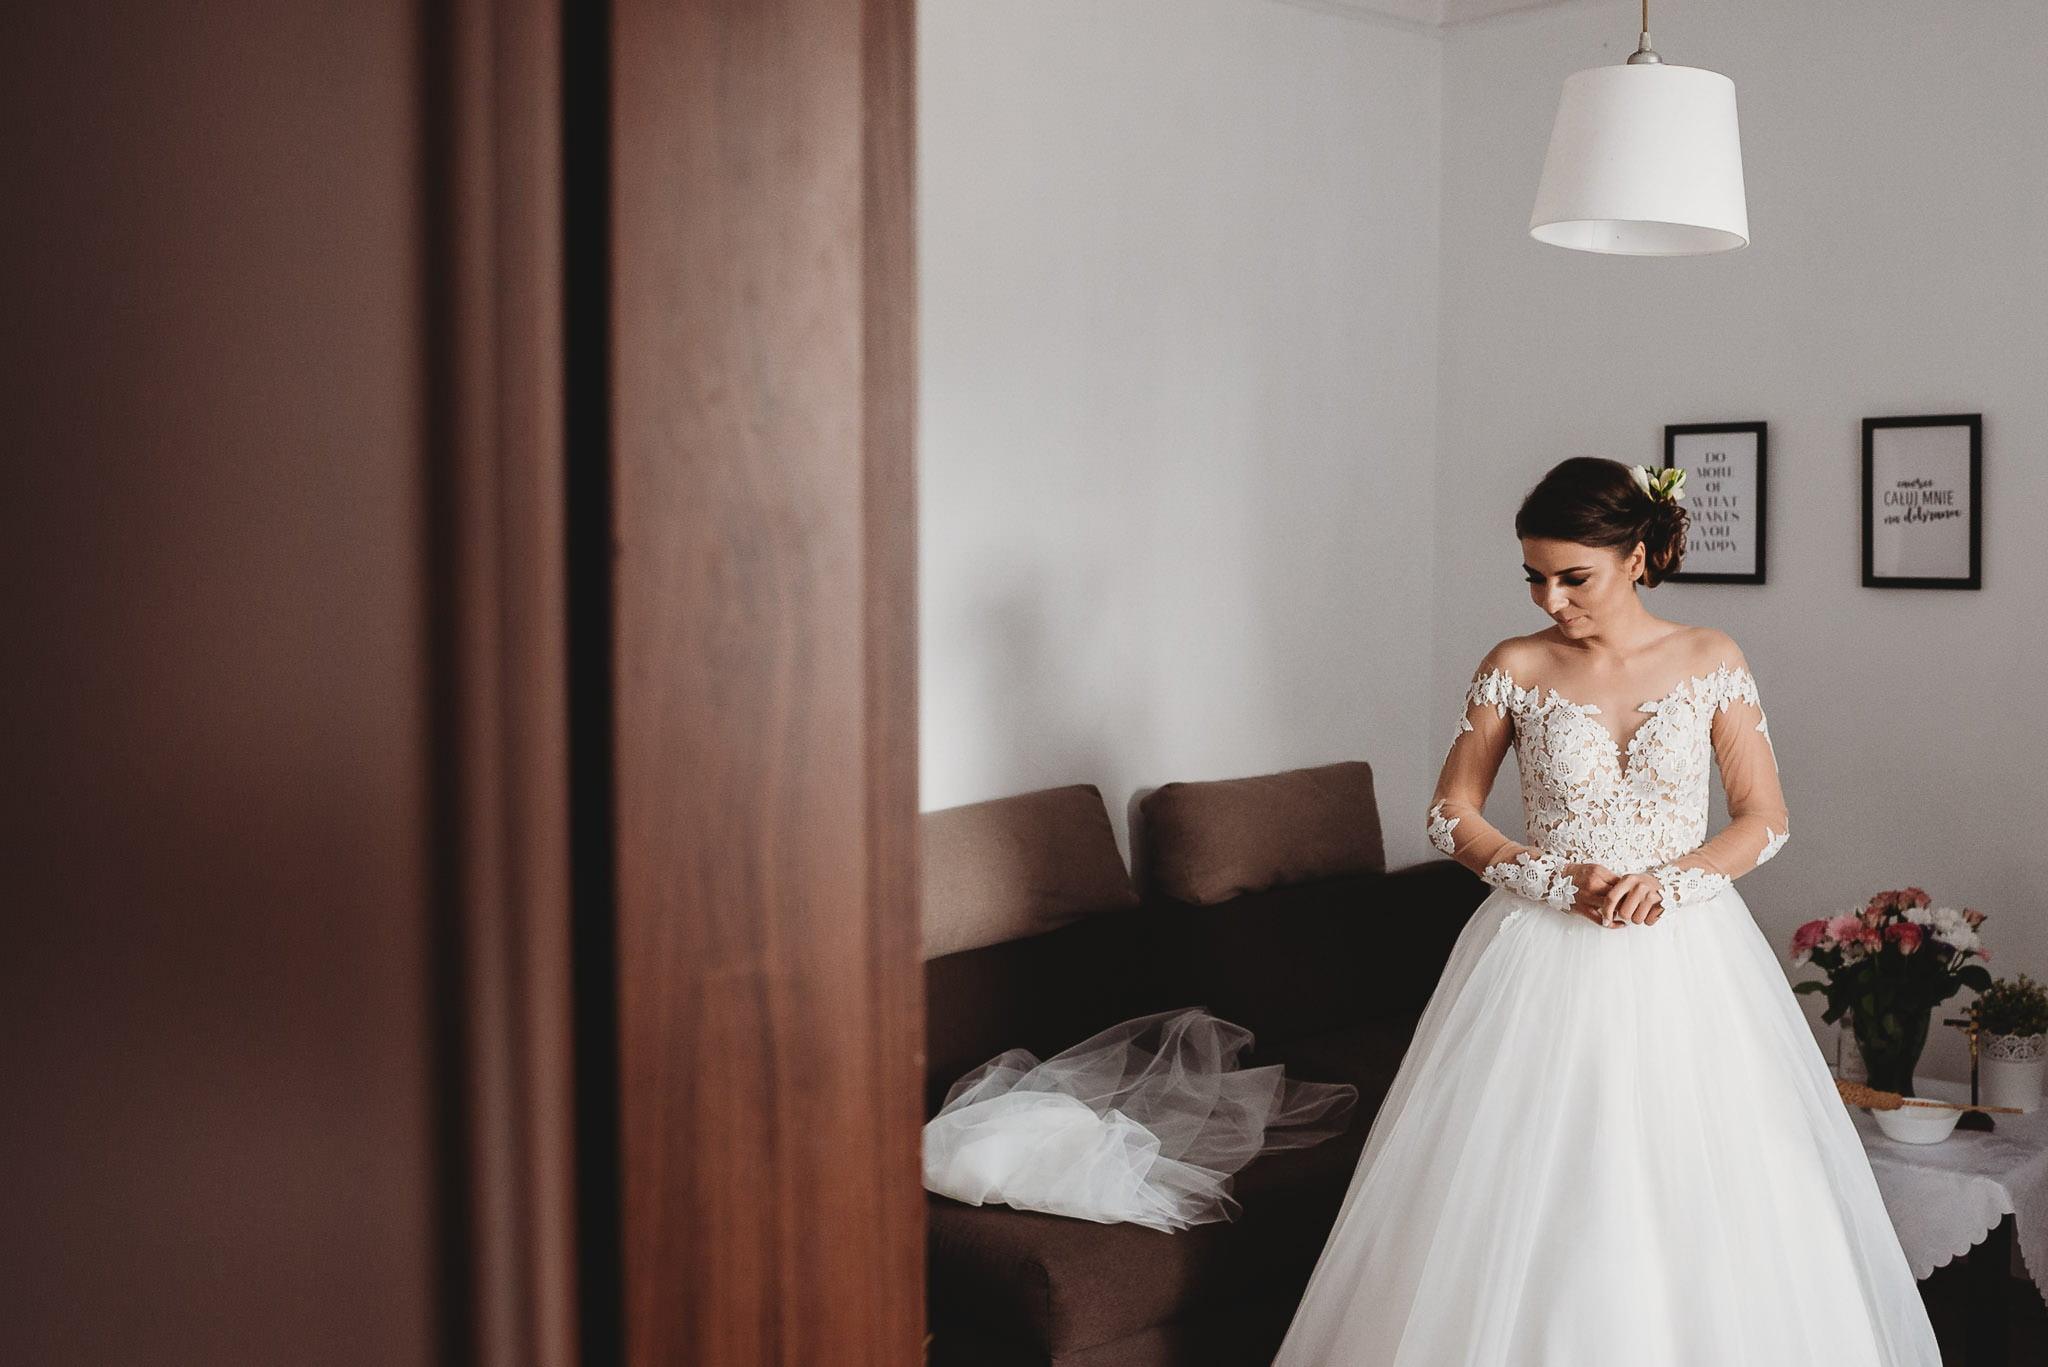 Angelika i Michał, piękne zdjęcia ślubne i sesja plenerowa w Gołuchowie 44